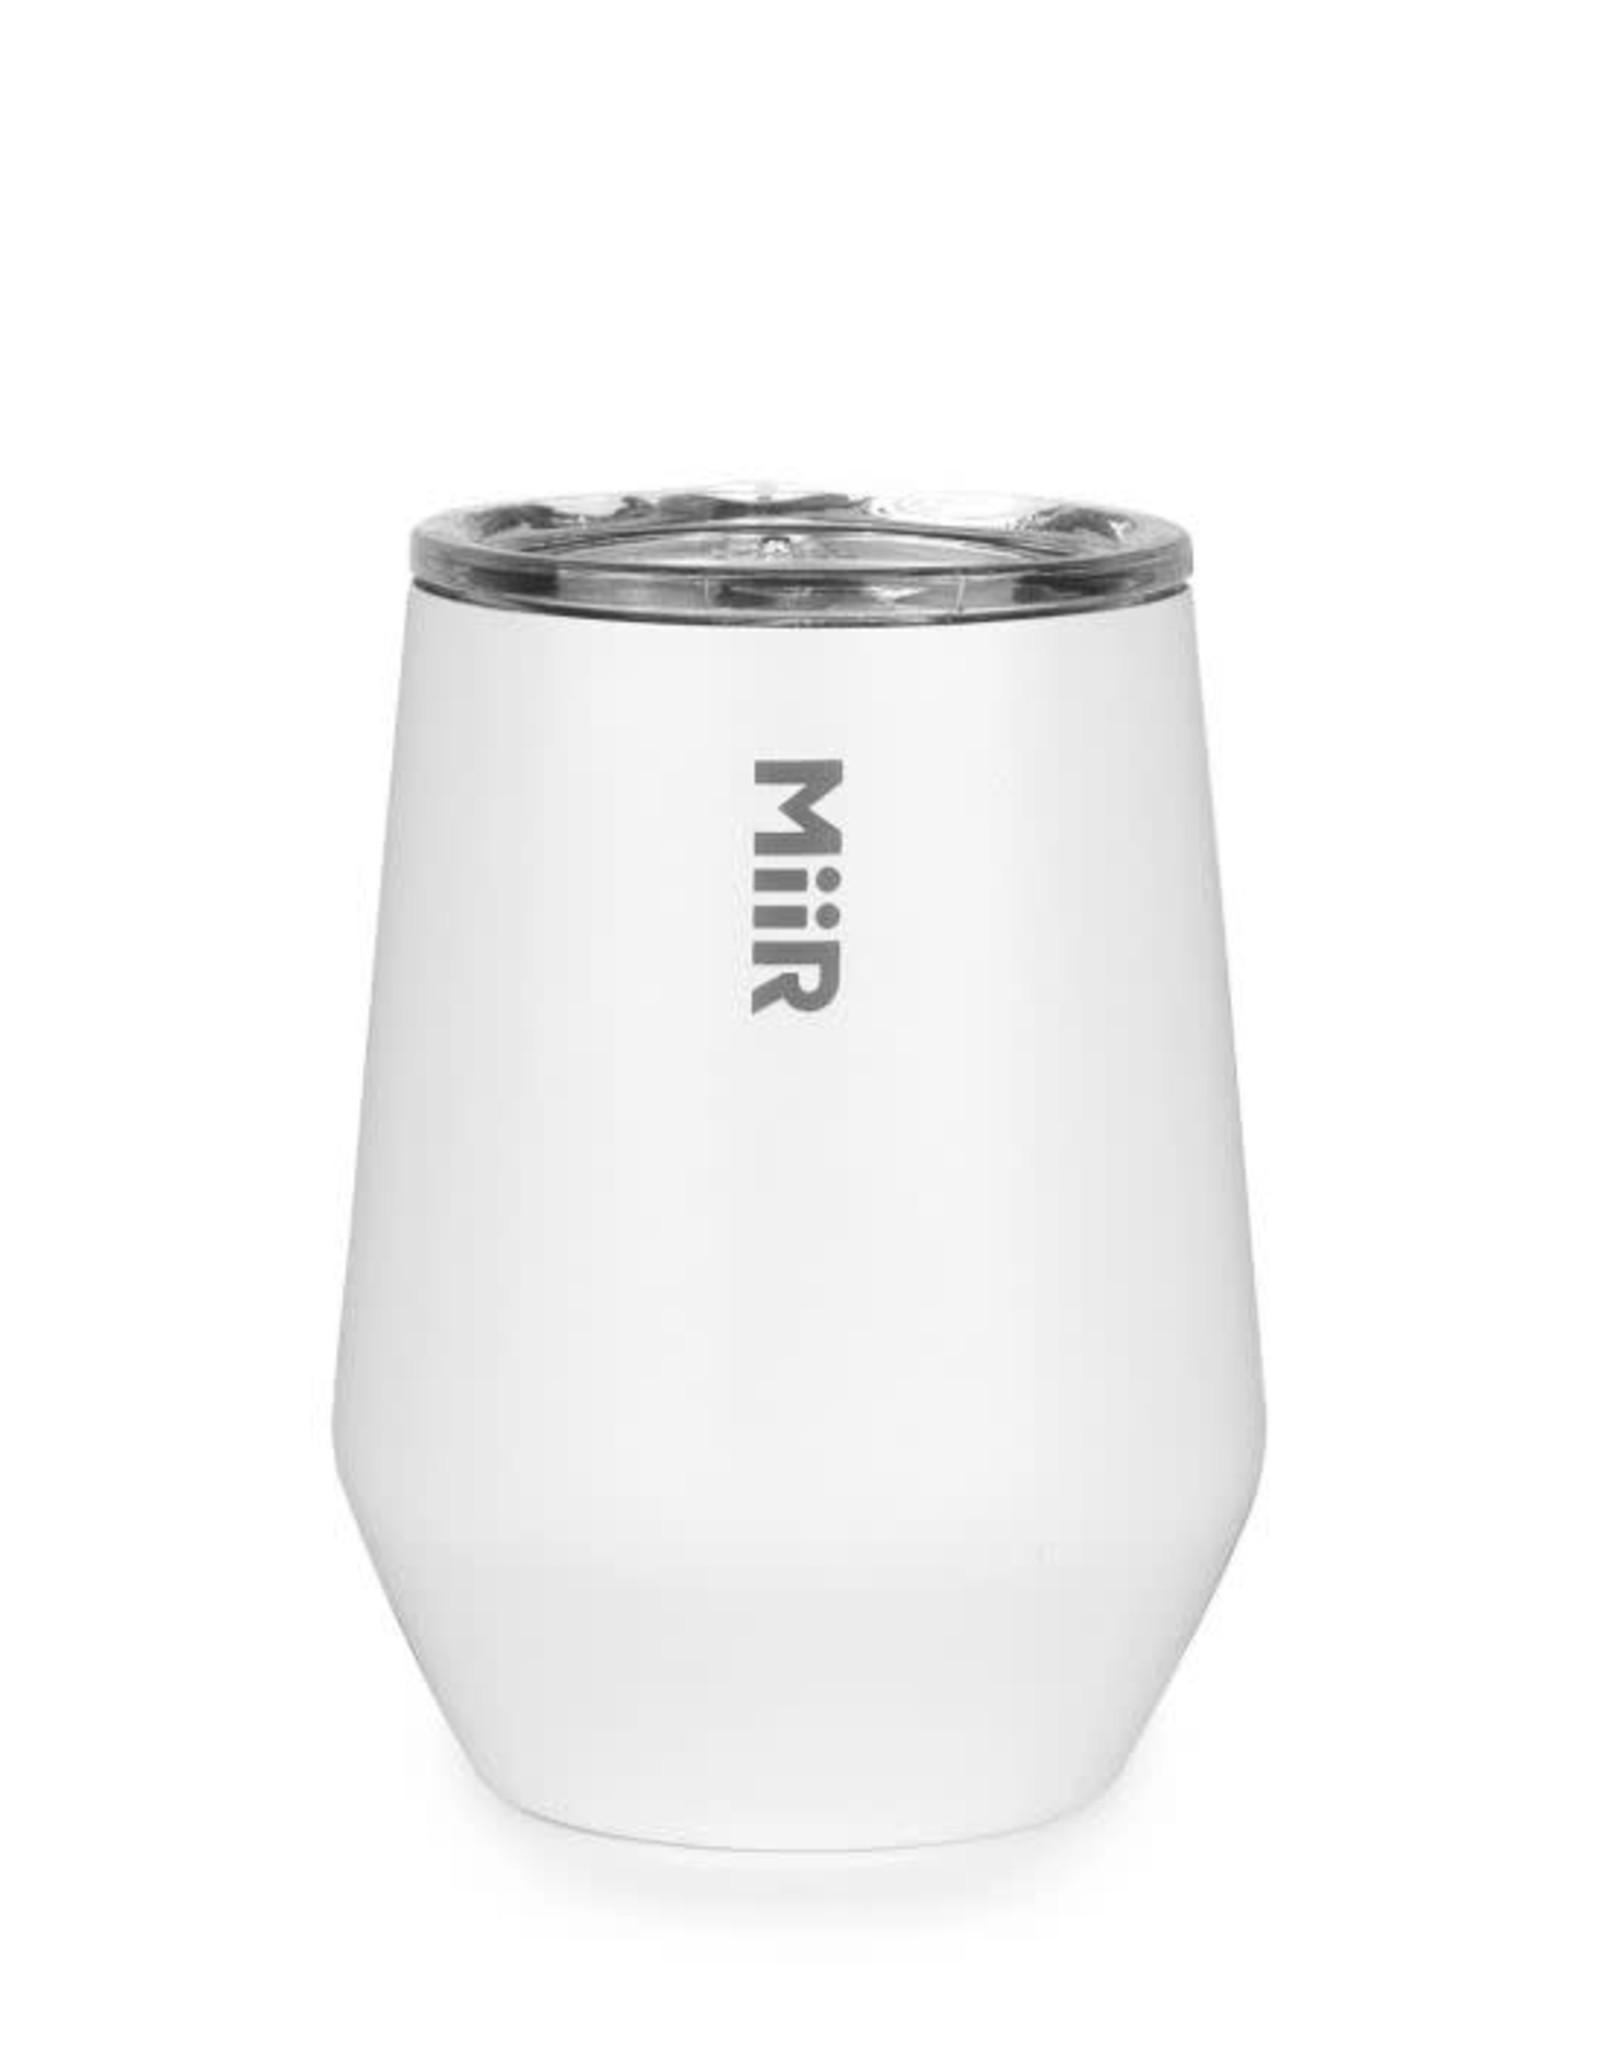 MiiR Wine Tumbler 10oz - White